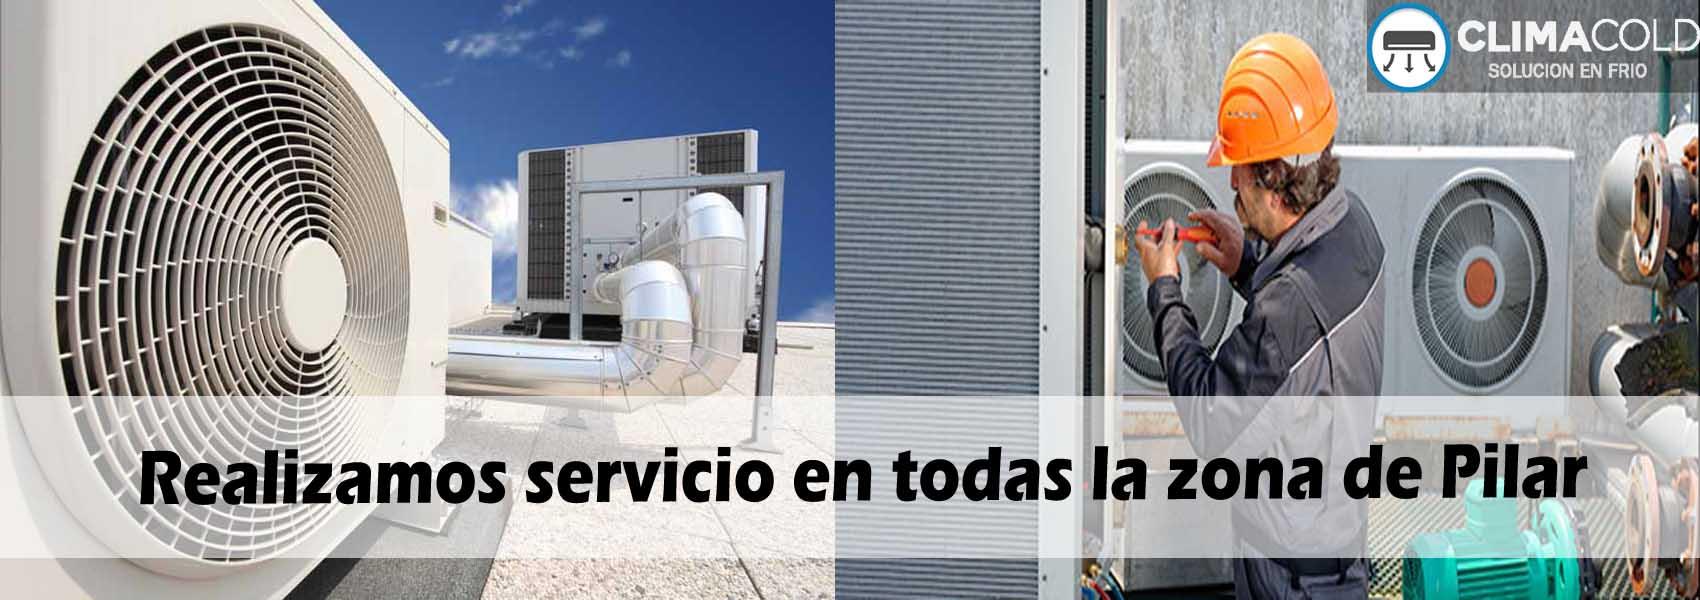 Servicio tecnico de aire acondicionado en Pilar-2020